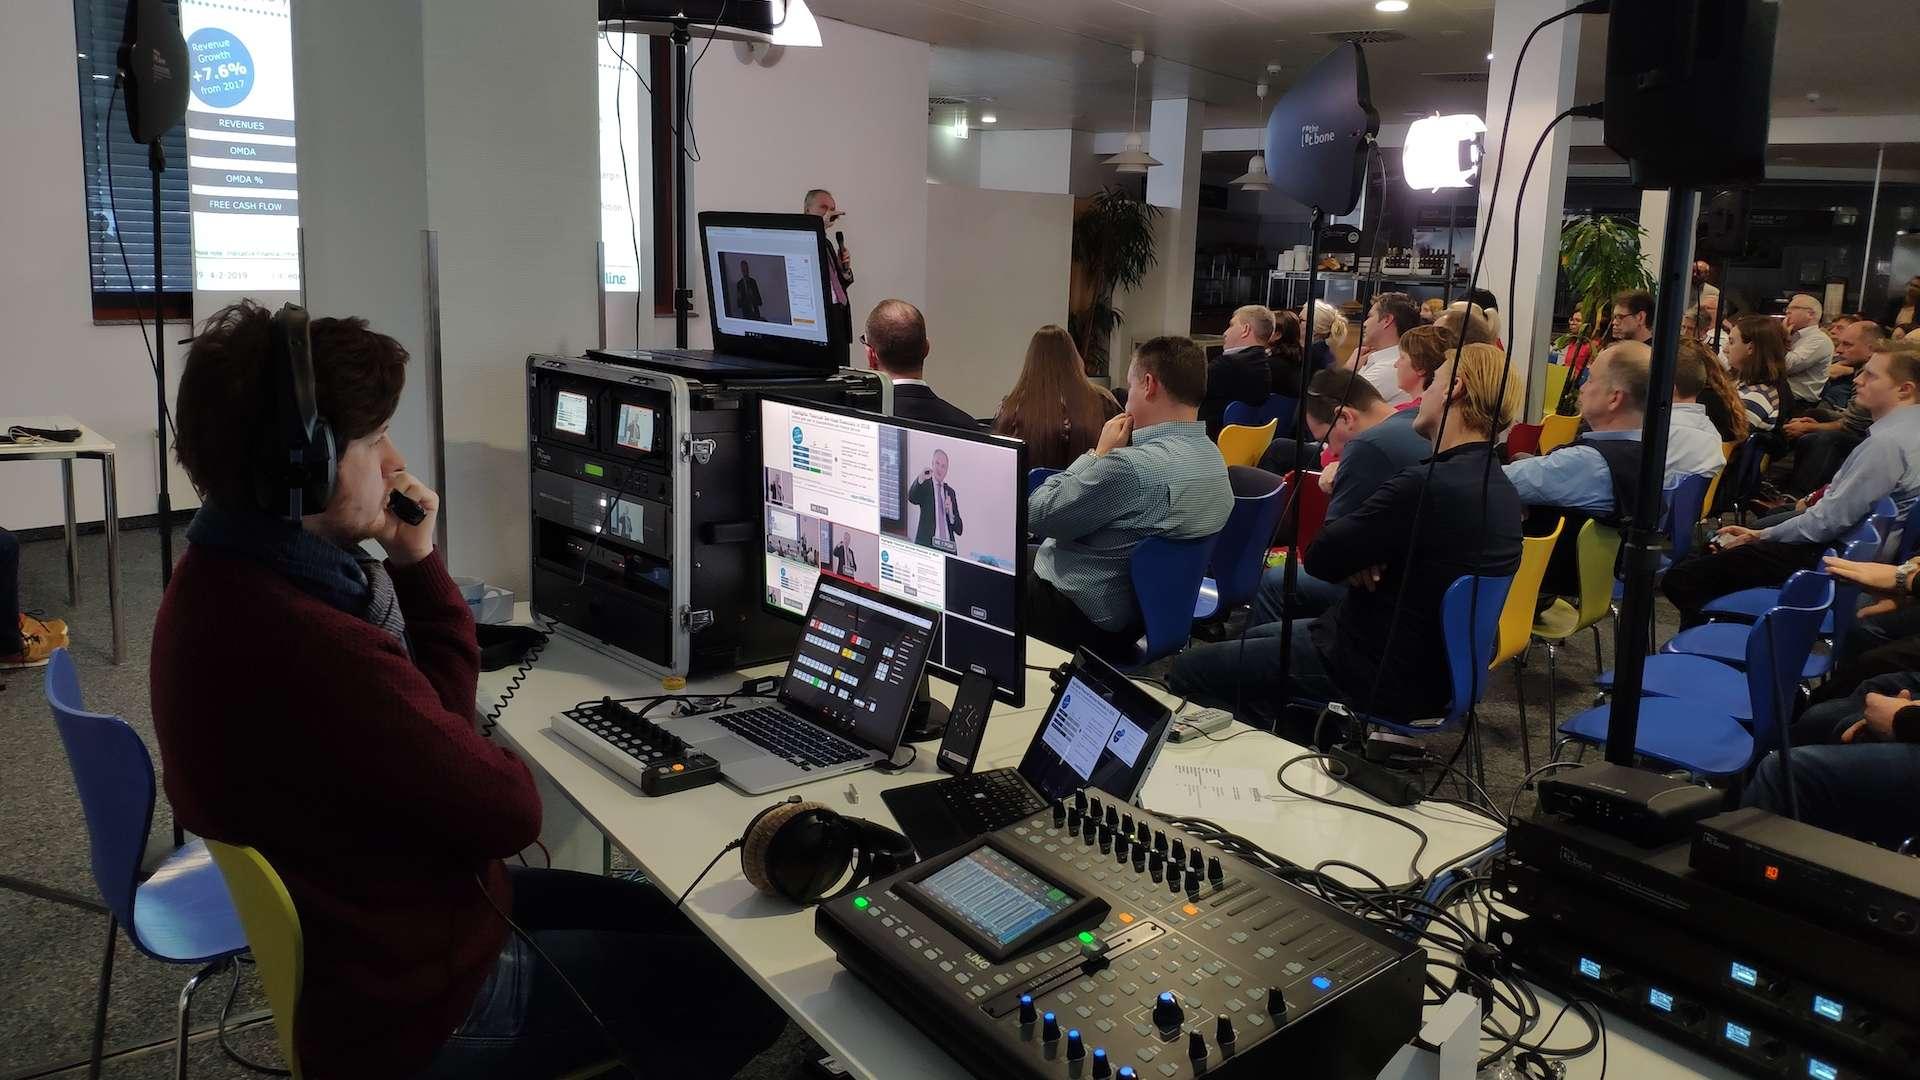 Ein vsonix Mitarbeiter führt bei einem Livestream eines Vortrages Regie